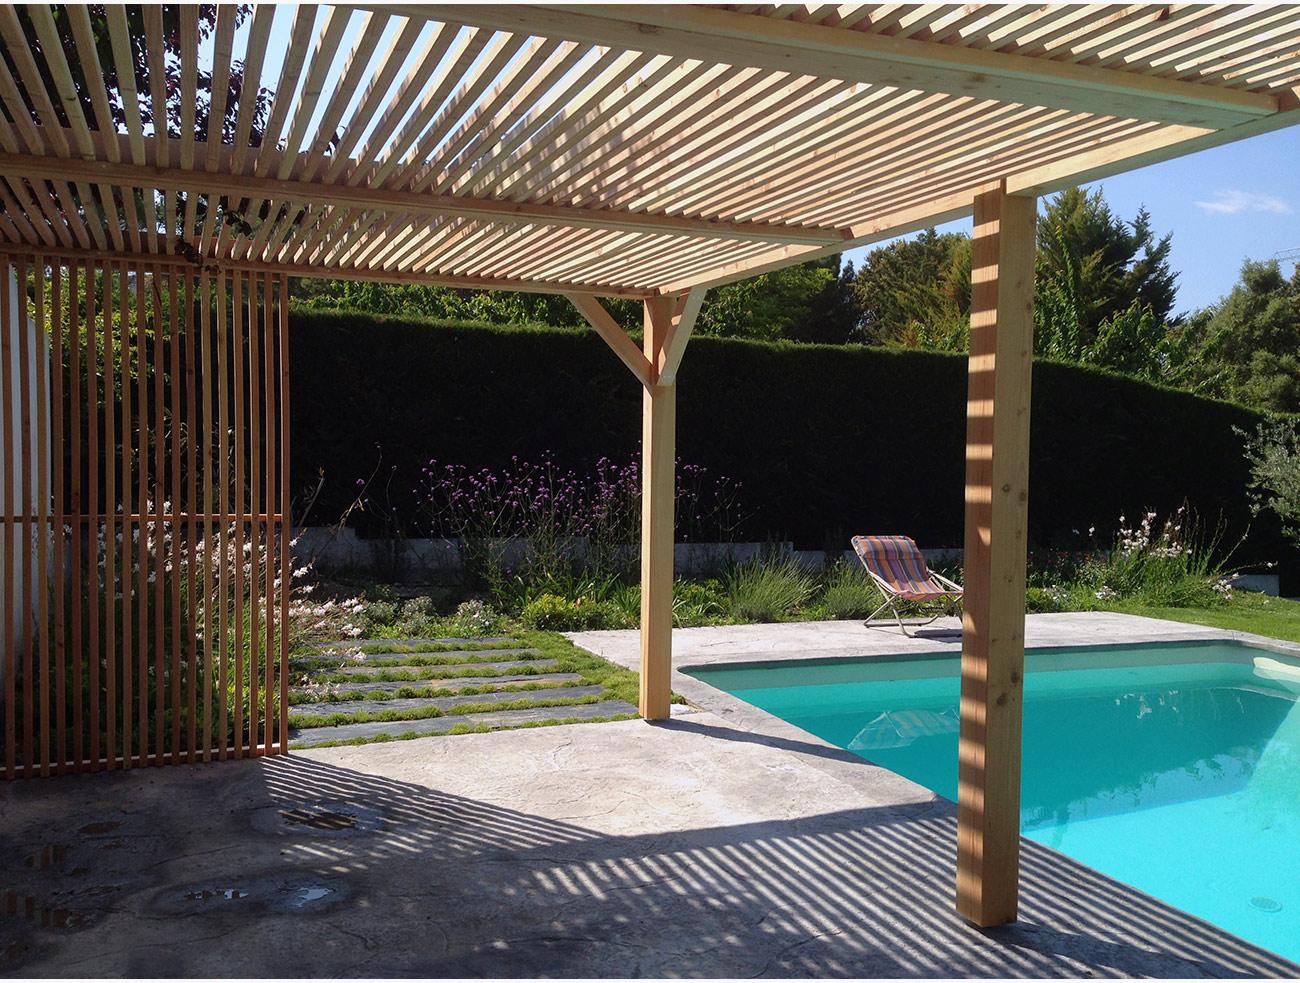 Pergola bois clairevoie - Architecte paysagiste concepteur Montpellier